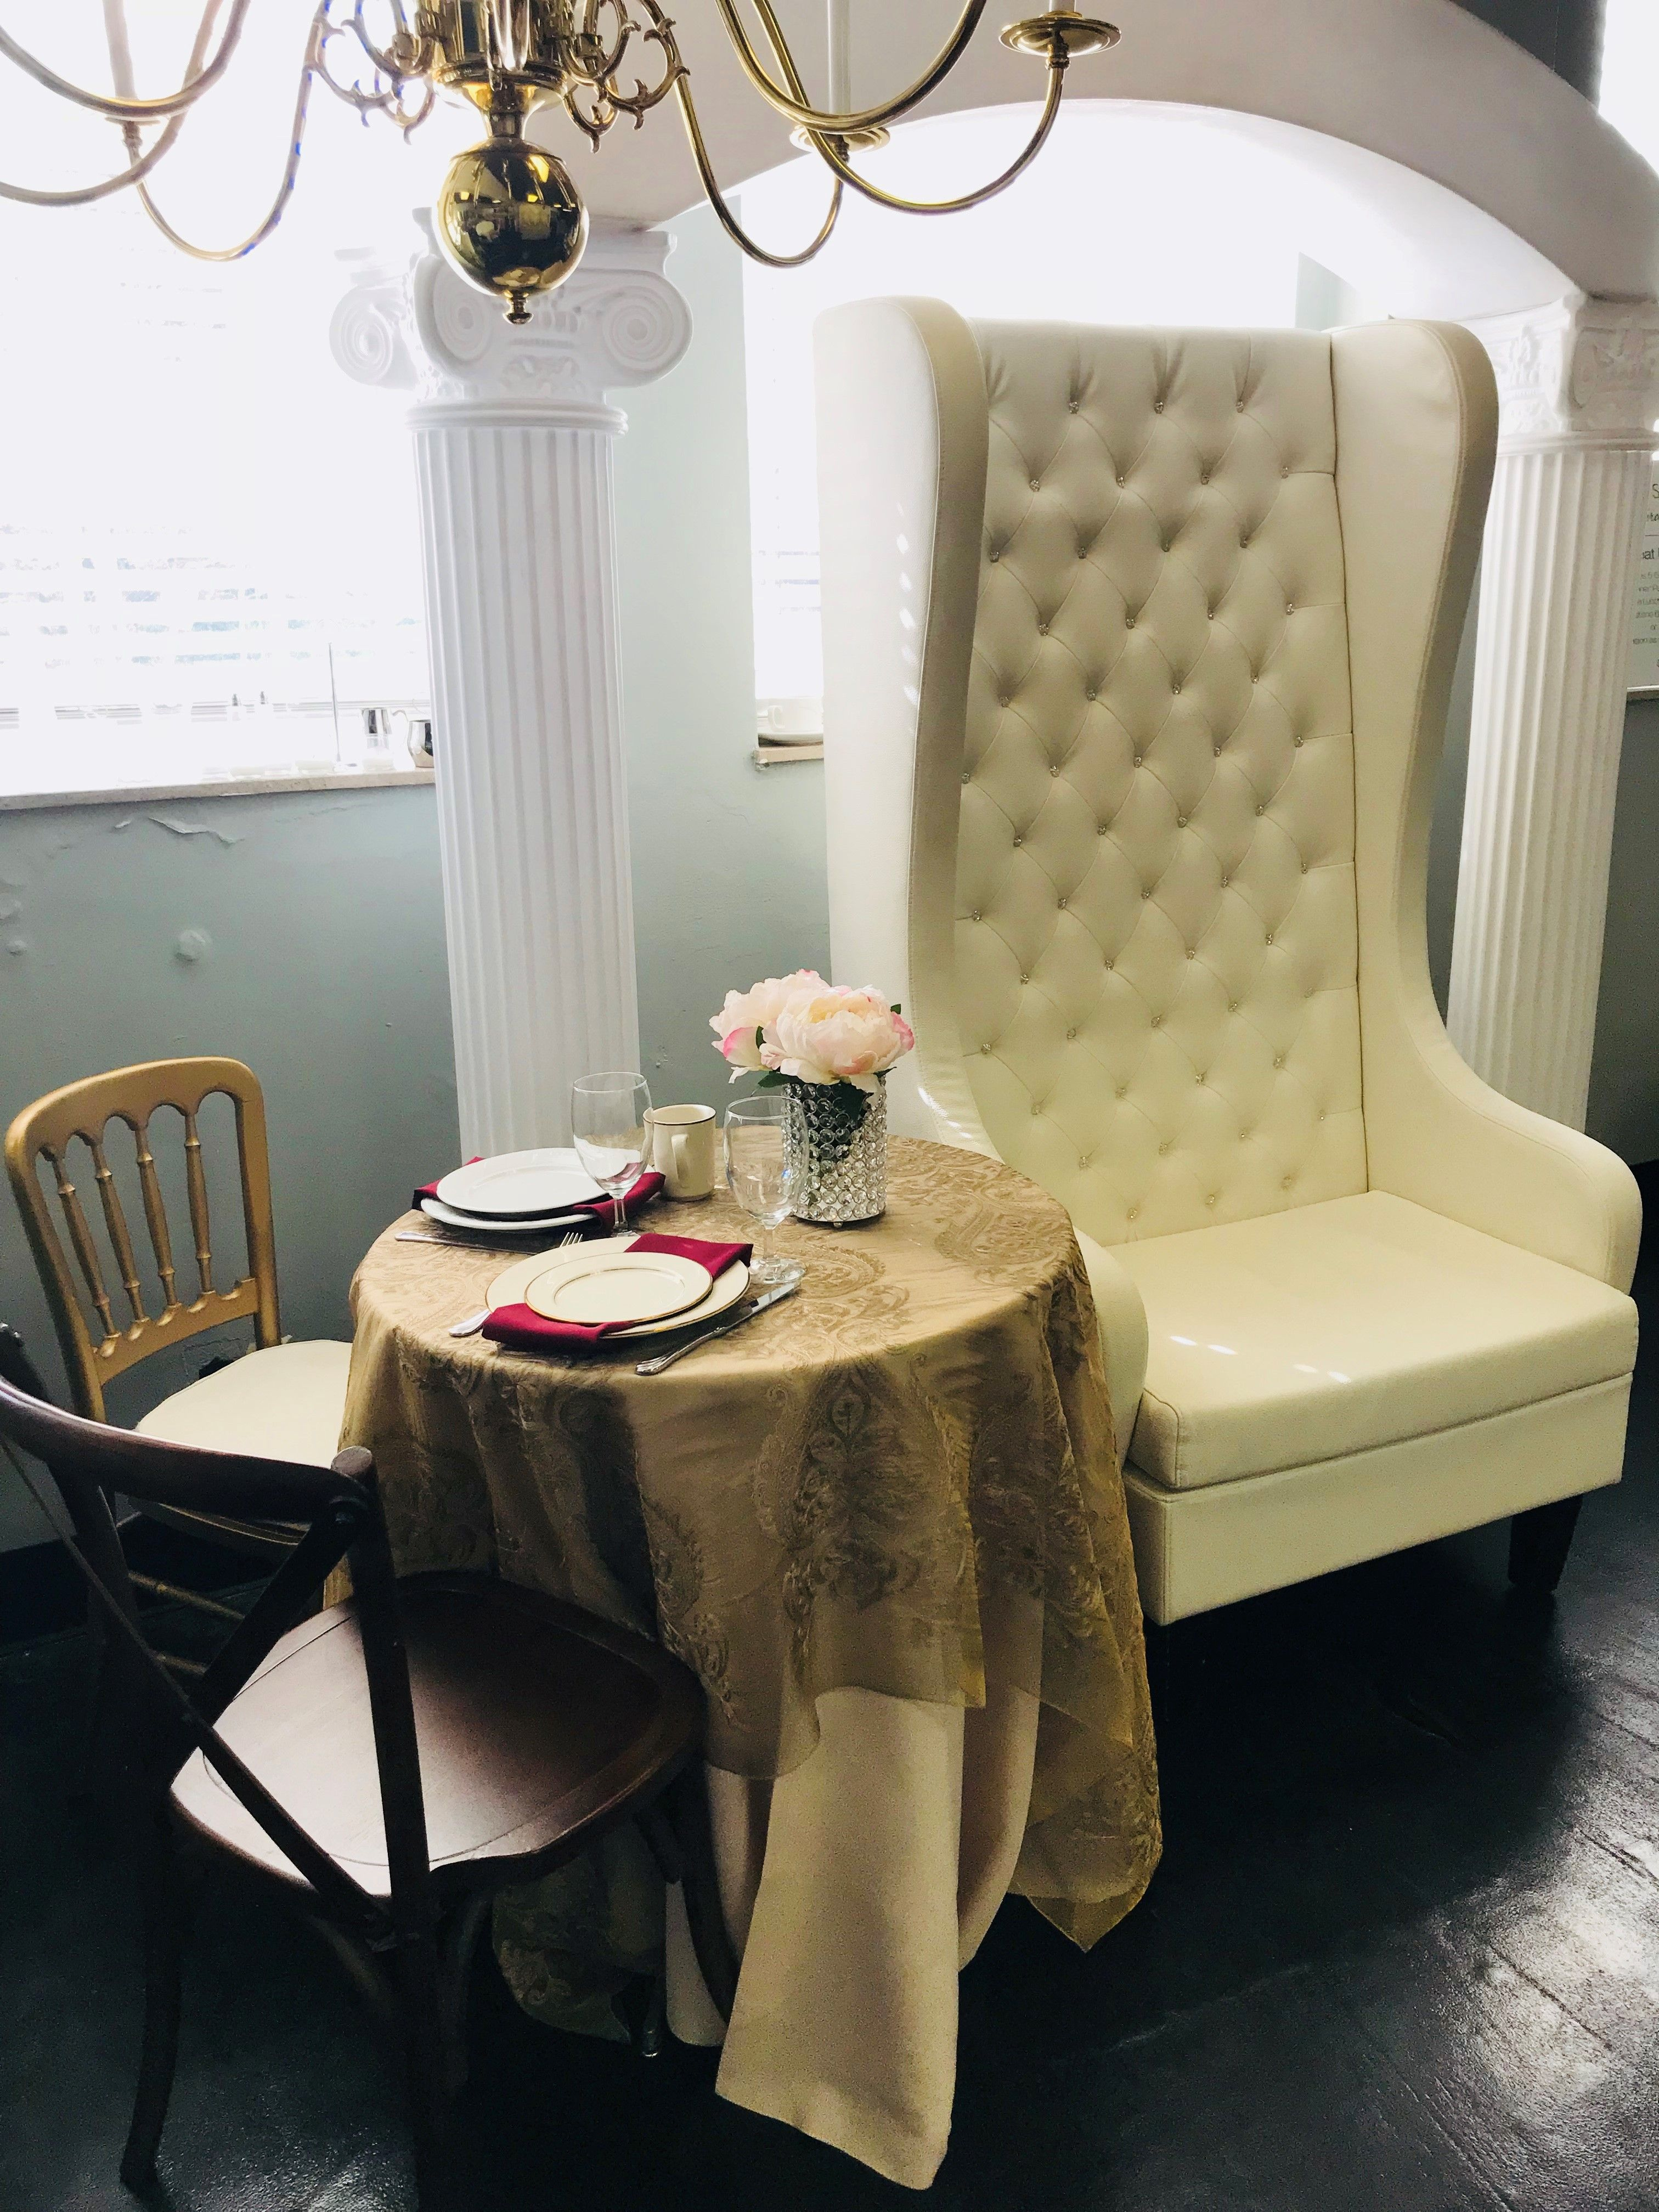 throne chair weinhardt party rentals st louis mo event